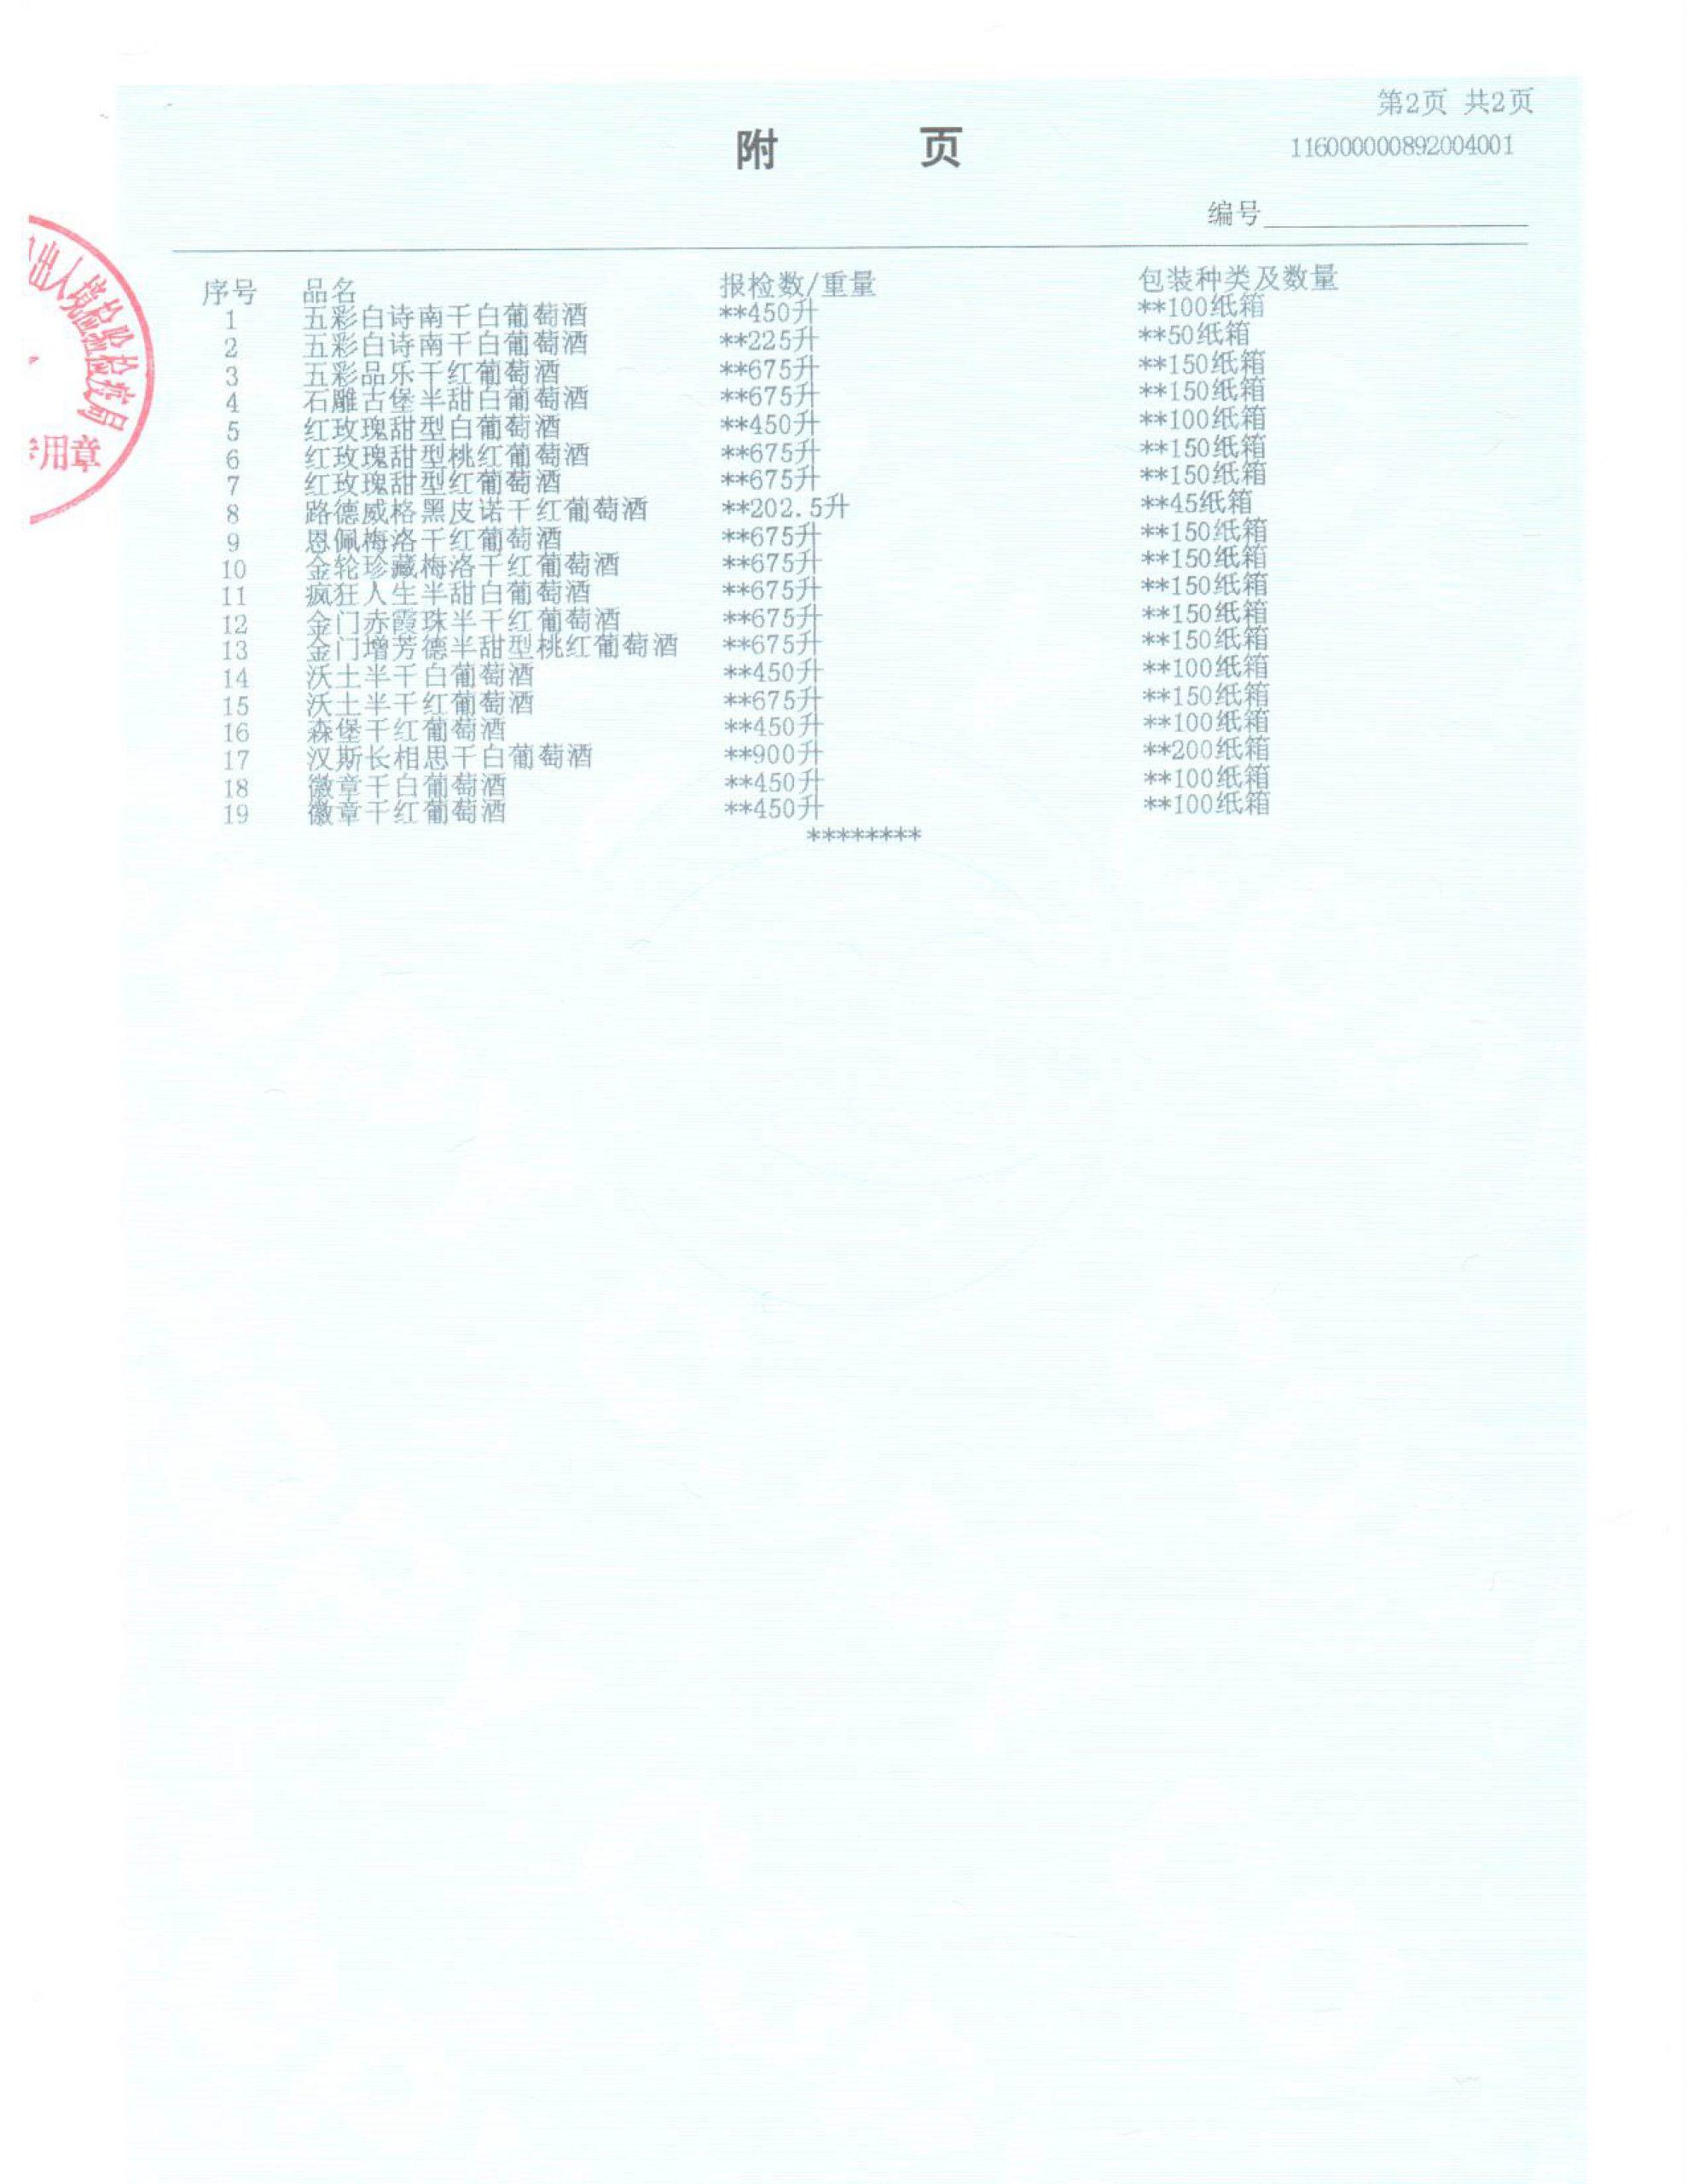 五彩品乐干红葡萄酒07-齐饮(CHEERS)进口葡萄酒店